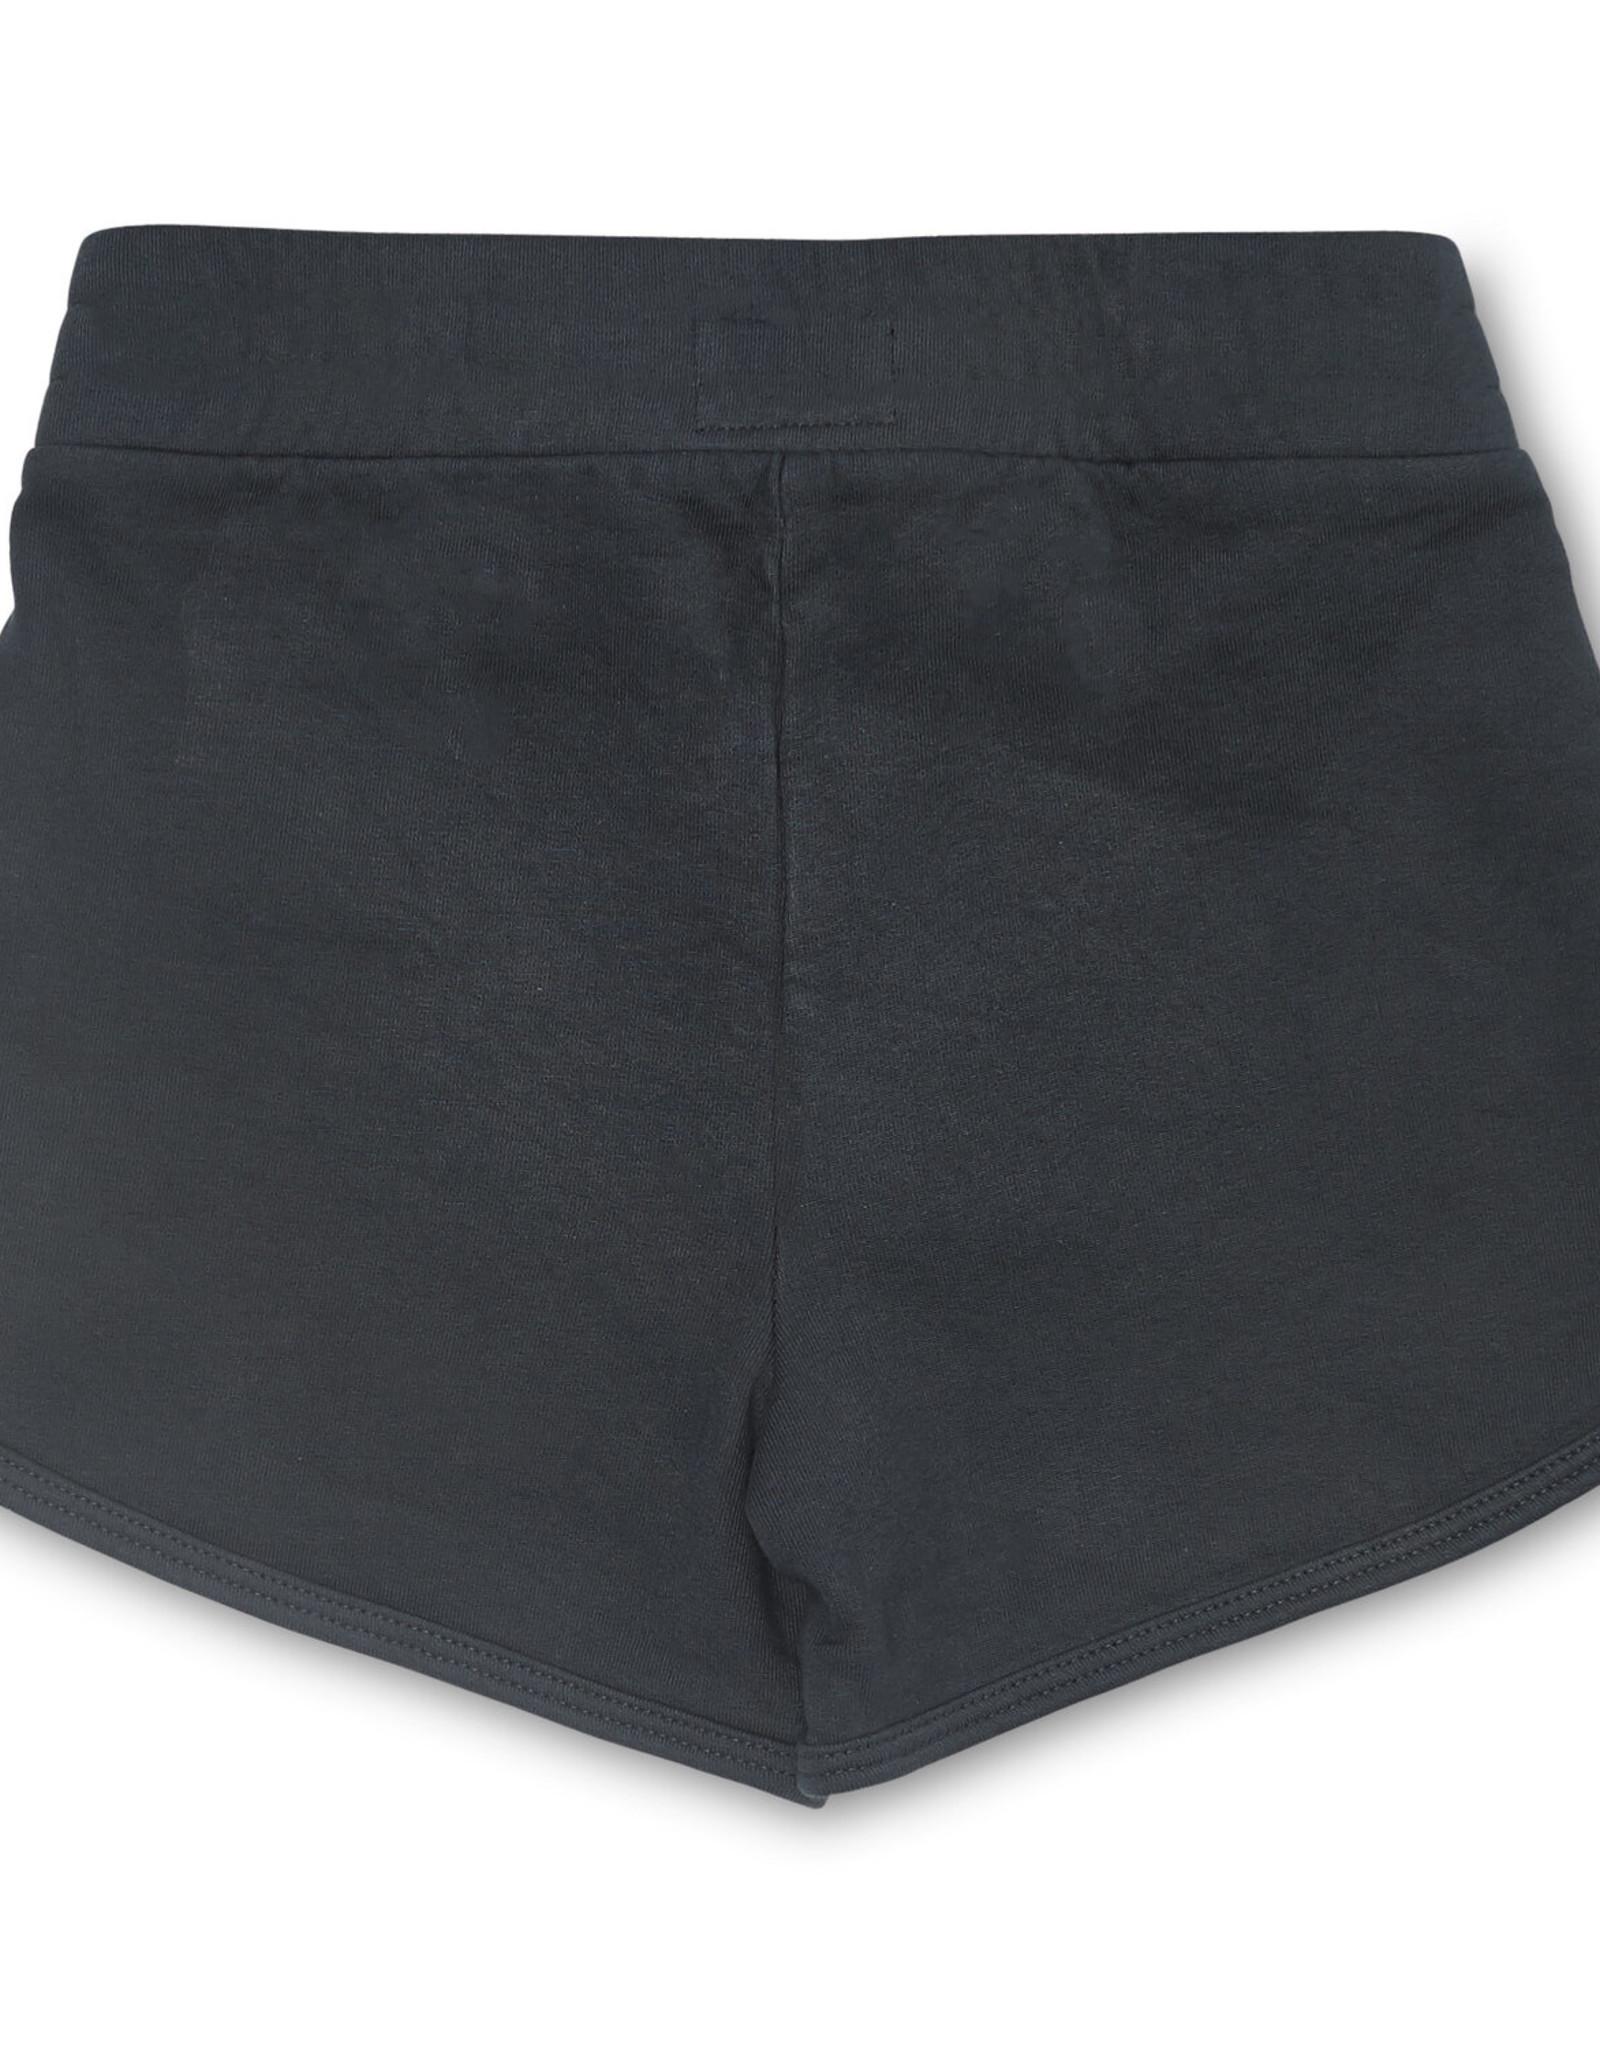 Bacabuche Terry Fleece Shorts